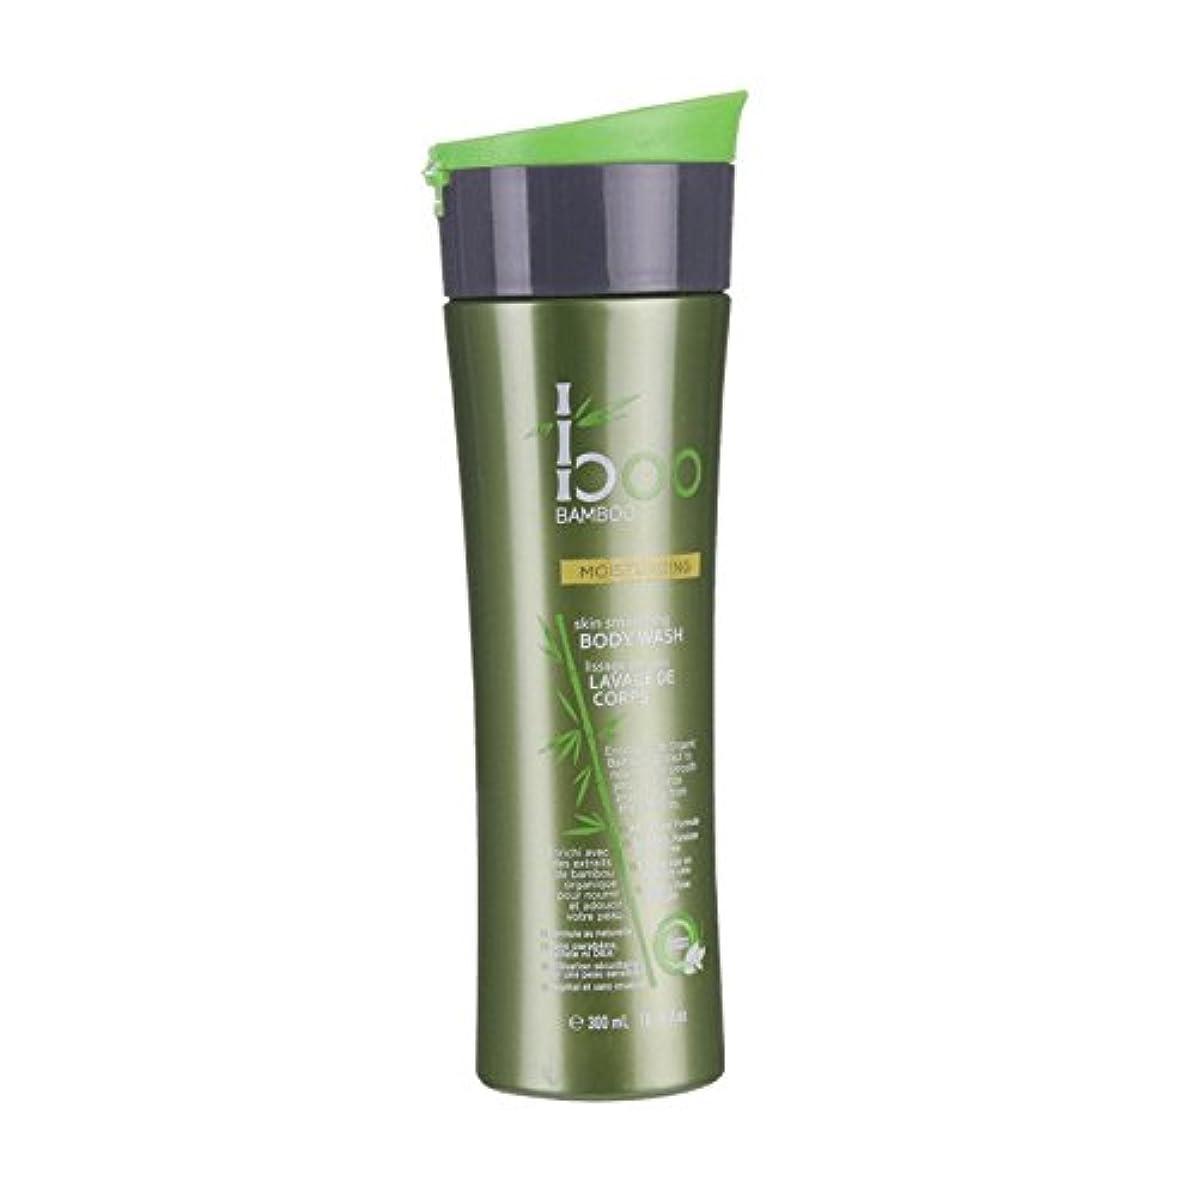 整然とした散る管理者Boo Bamboo Moist Body Wash 300ml (Pack of 2) - 竹しっとりボディウォッシュ300ミリリットルブーイング (x2) [並行輸入品]